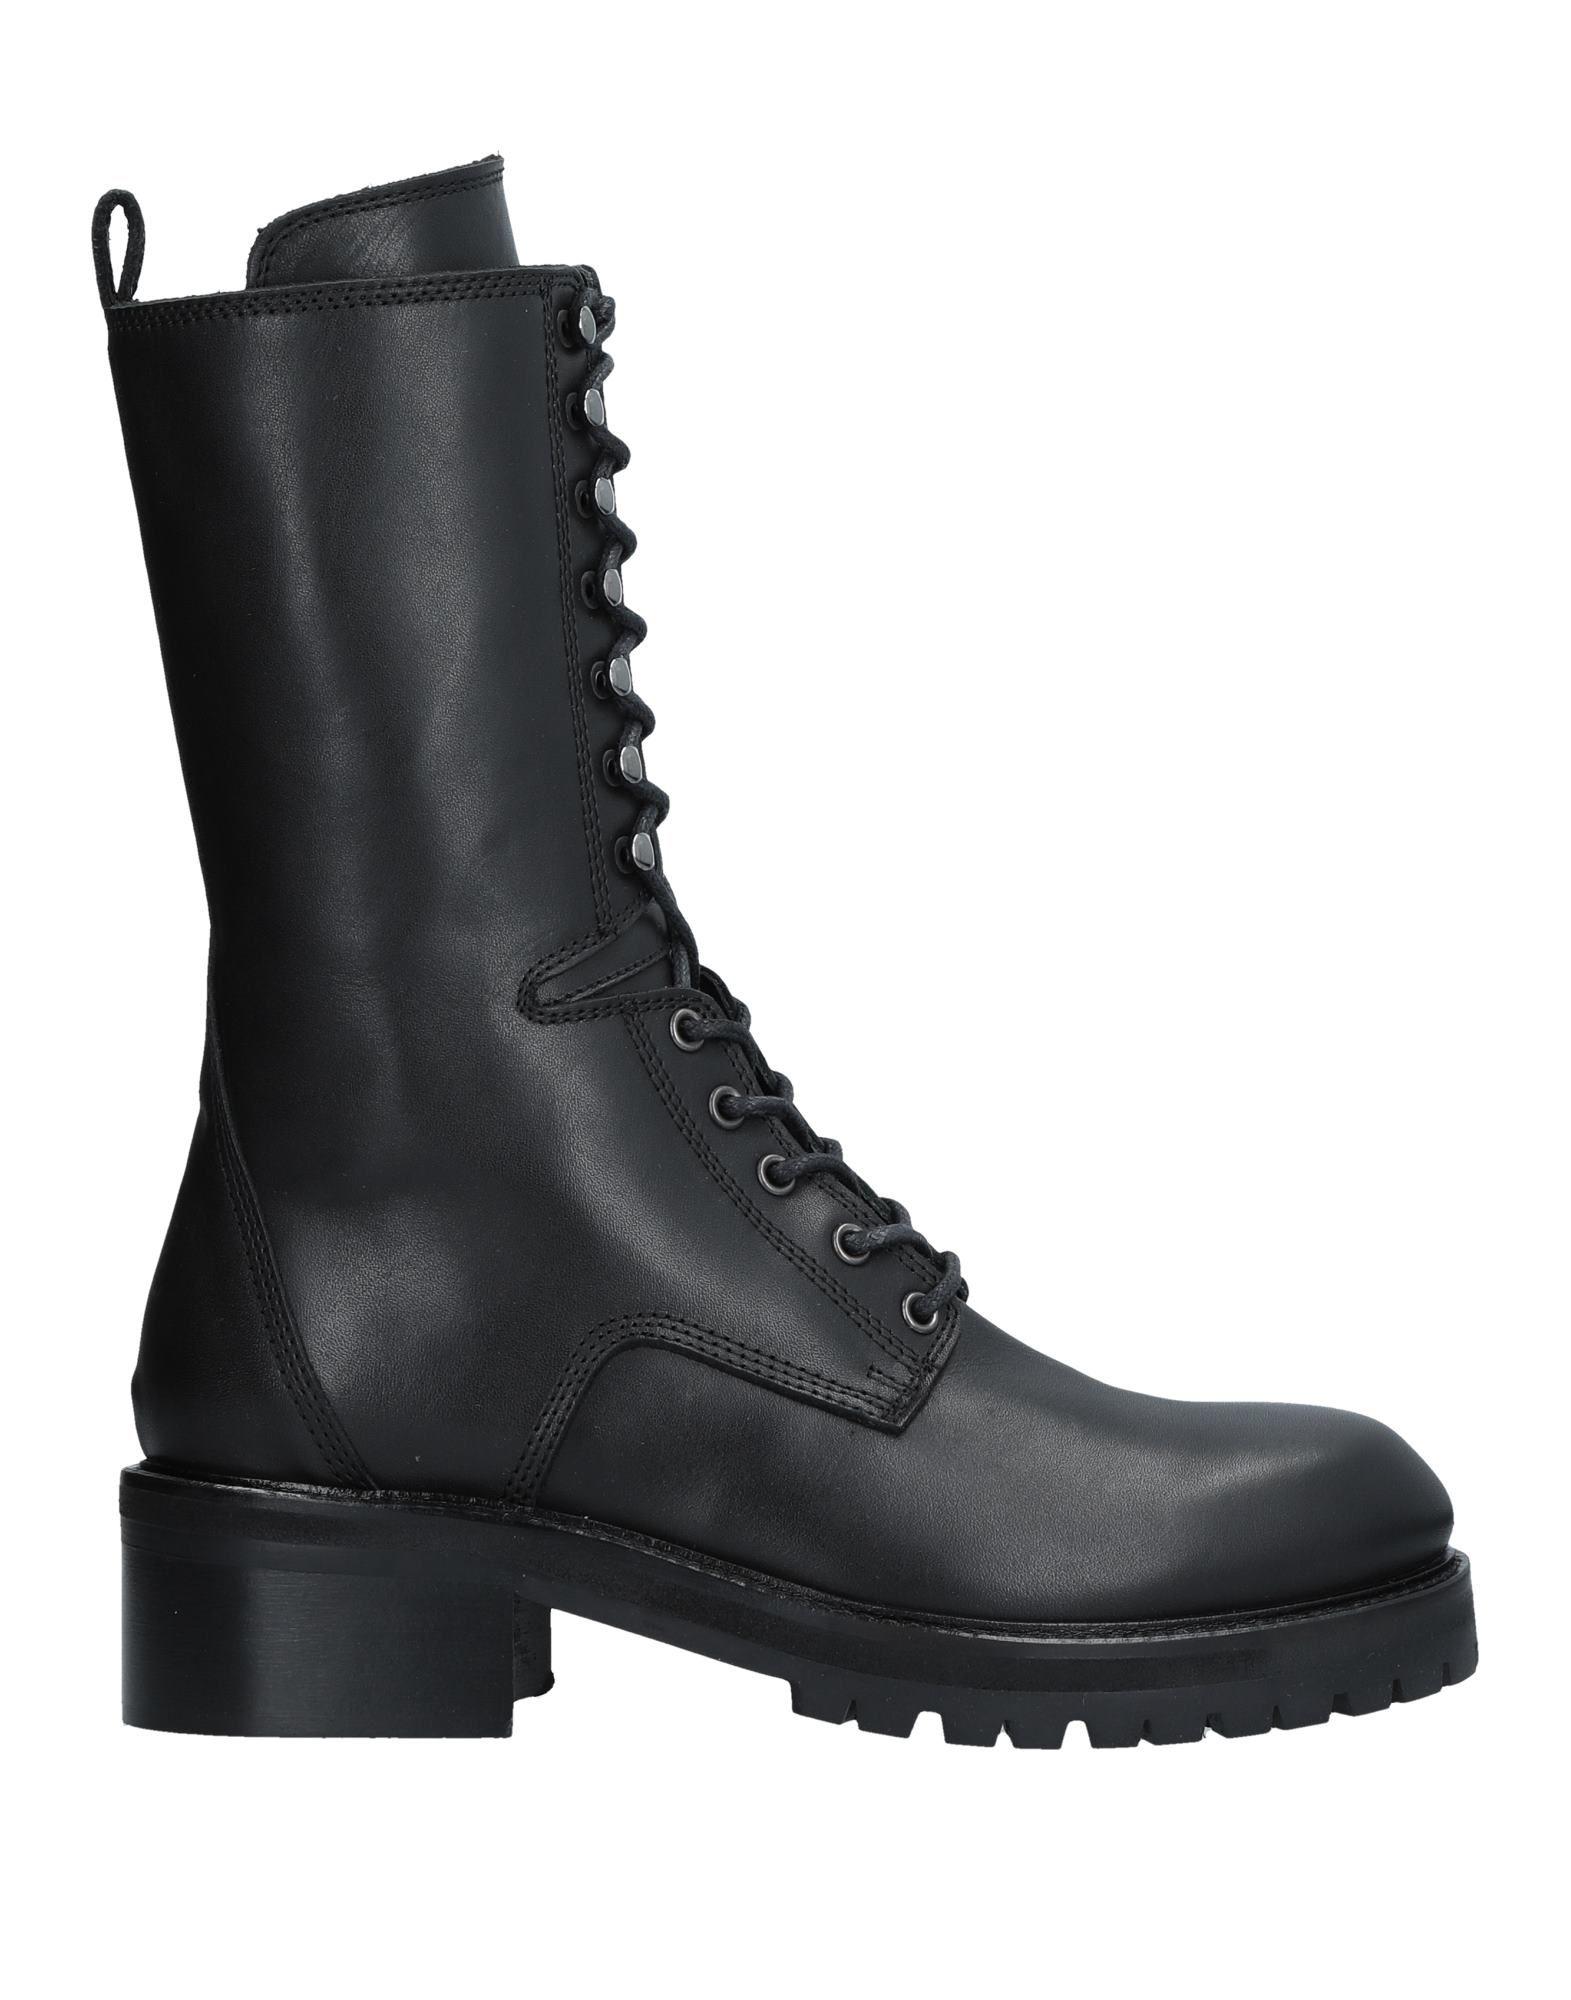 Liviana Conti Stiefelette Damen  11539424BFGut aussehende strapazierfähige Schuhe